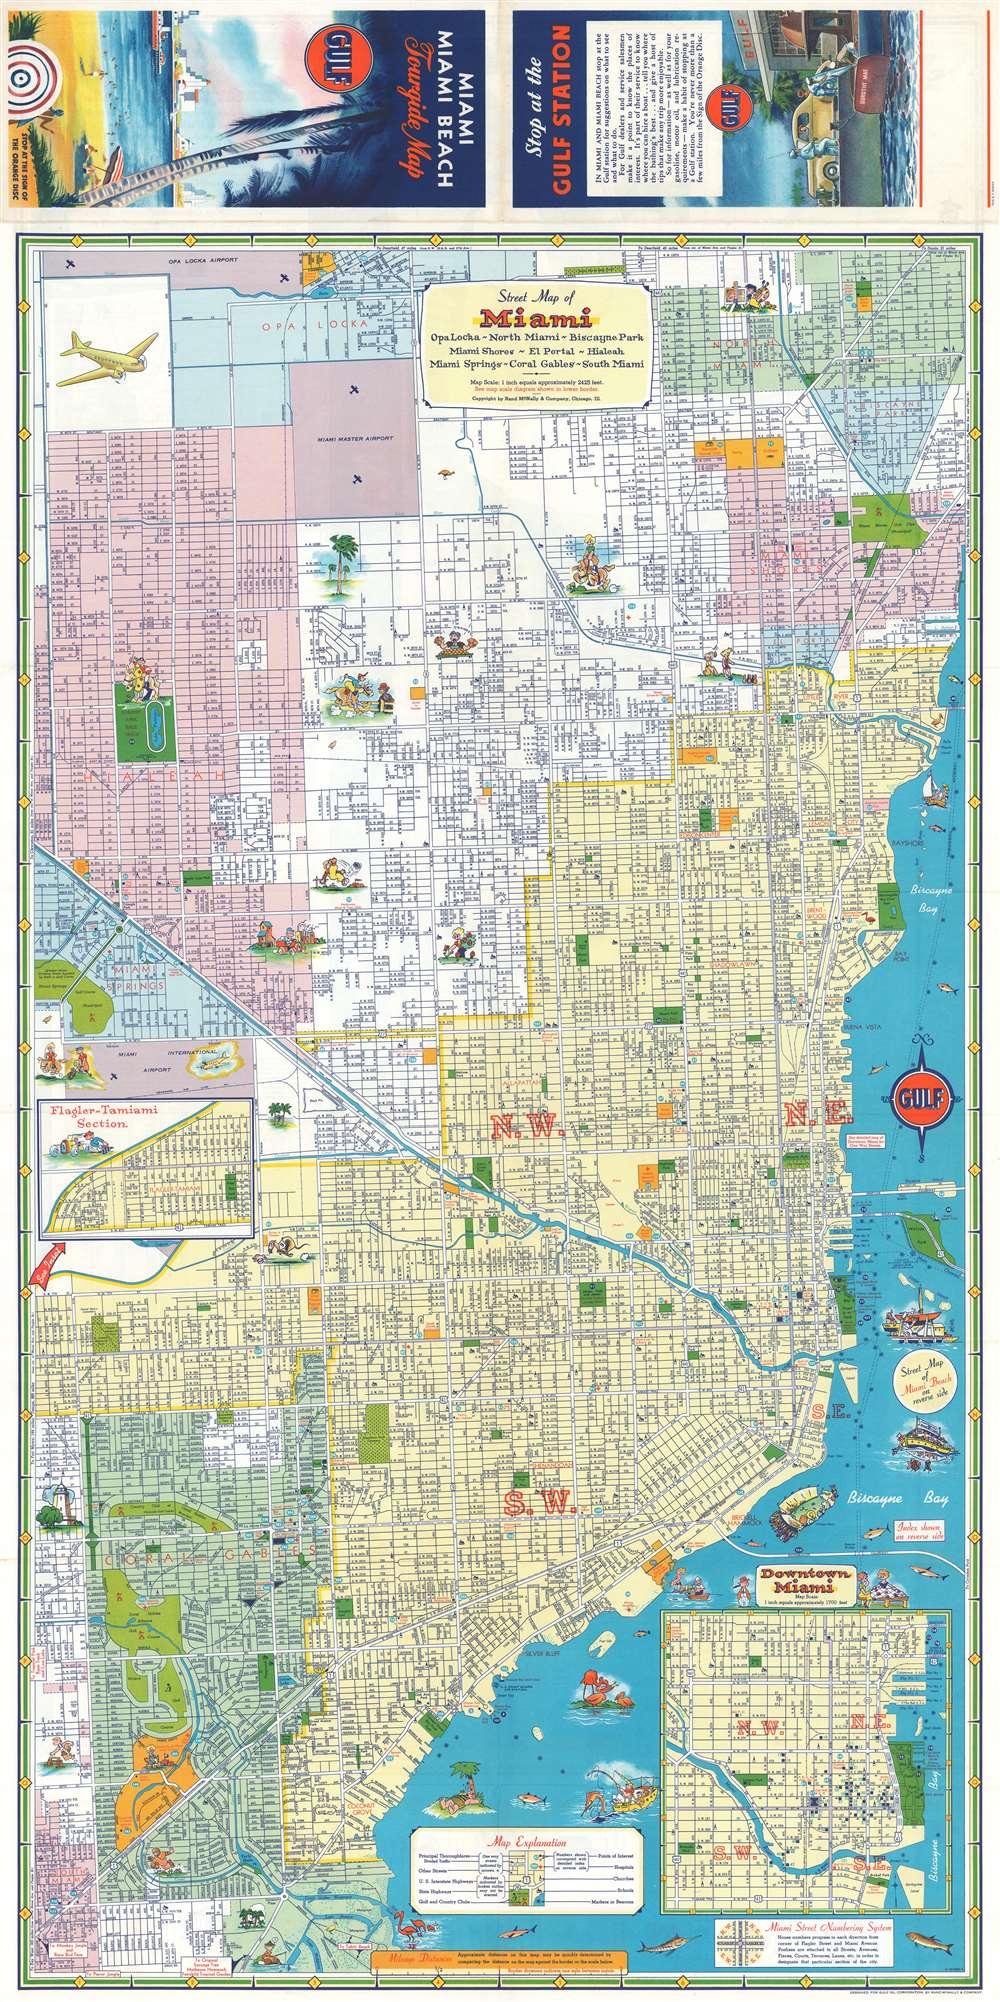 Miami Miami Beach Tourguide Map. - Alternate View 1